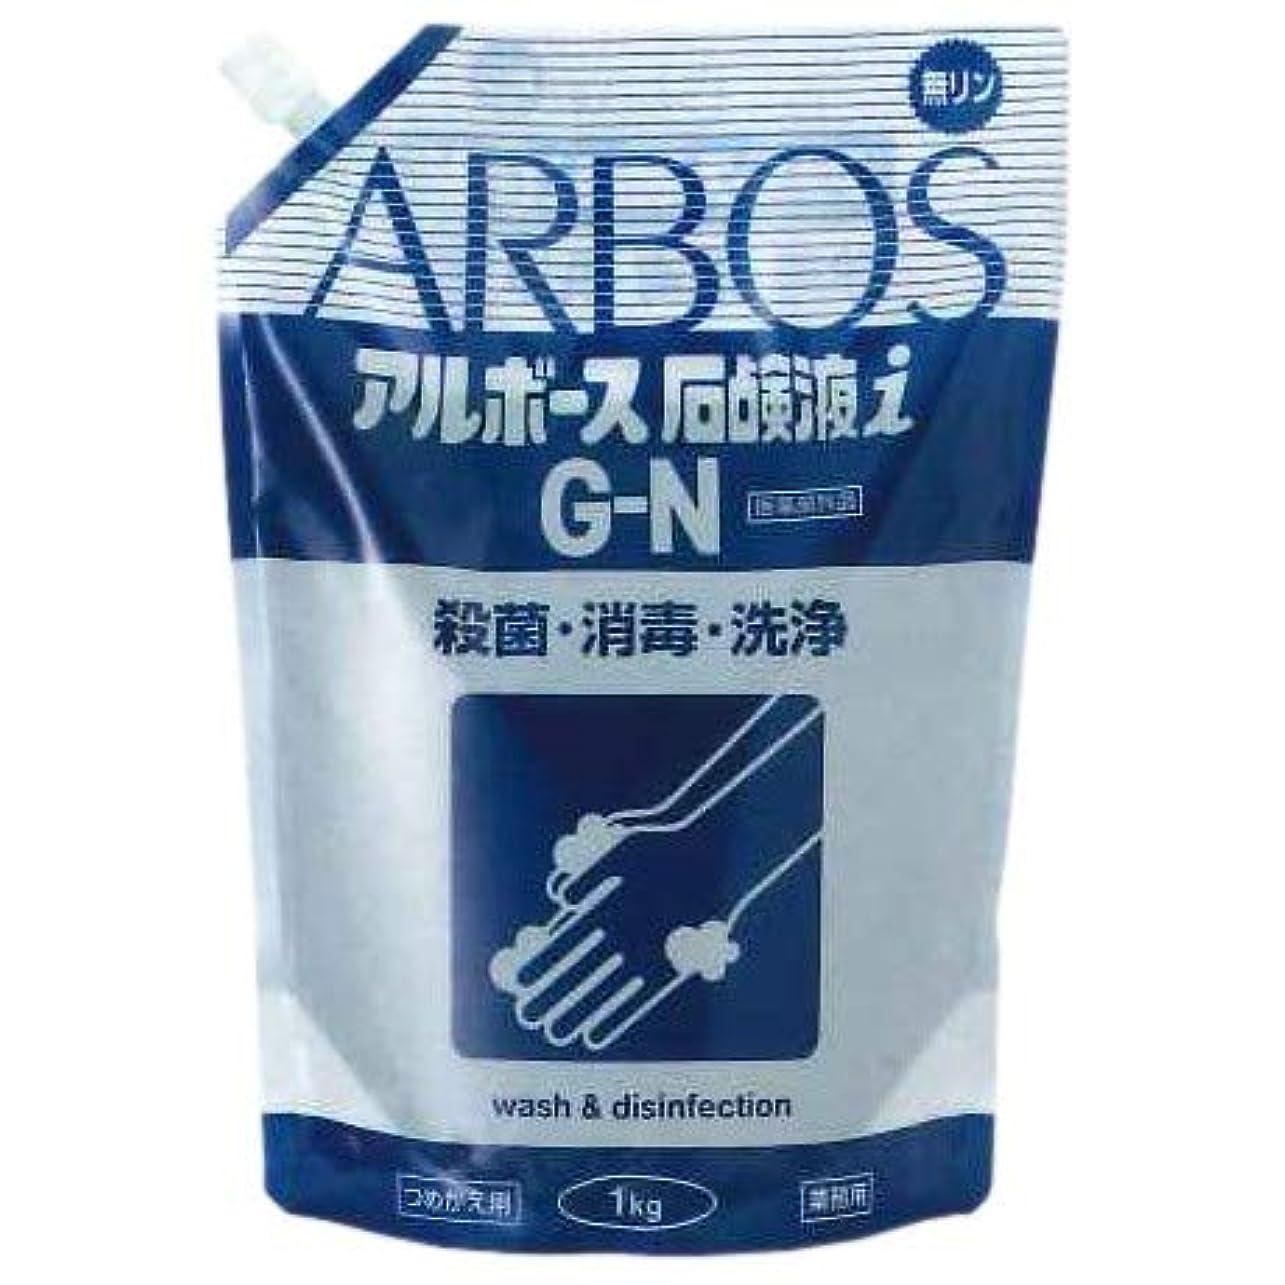 発揮する安息広々としたアルボース 薬用ハンドソープ アルボース石鹸液i G-N 濃縮タイプ 1kg×18袋